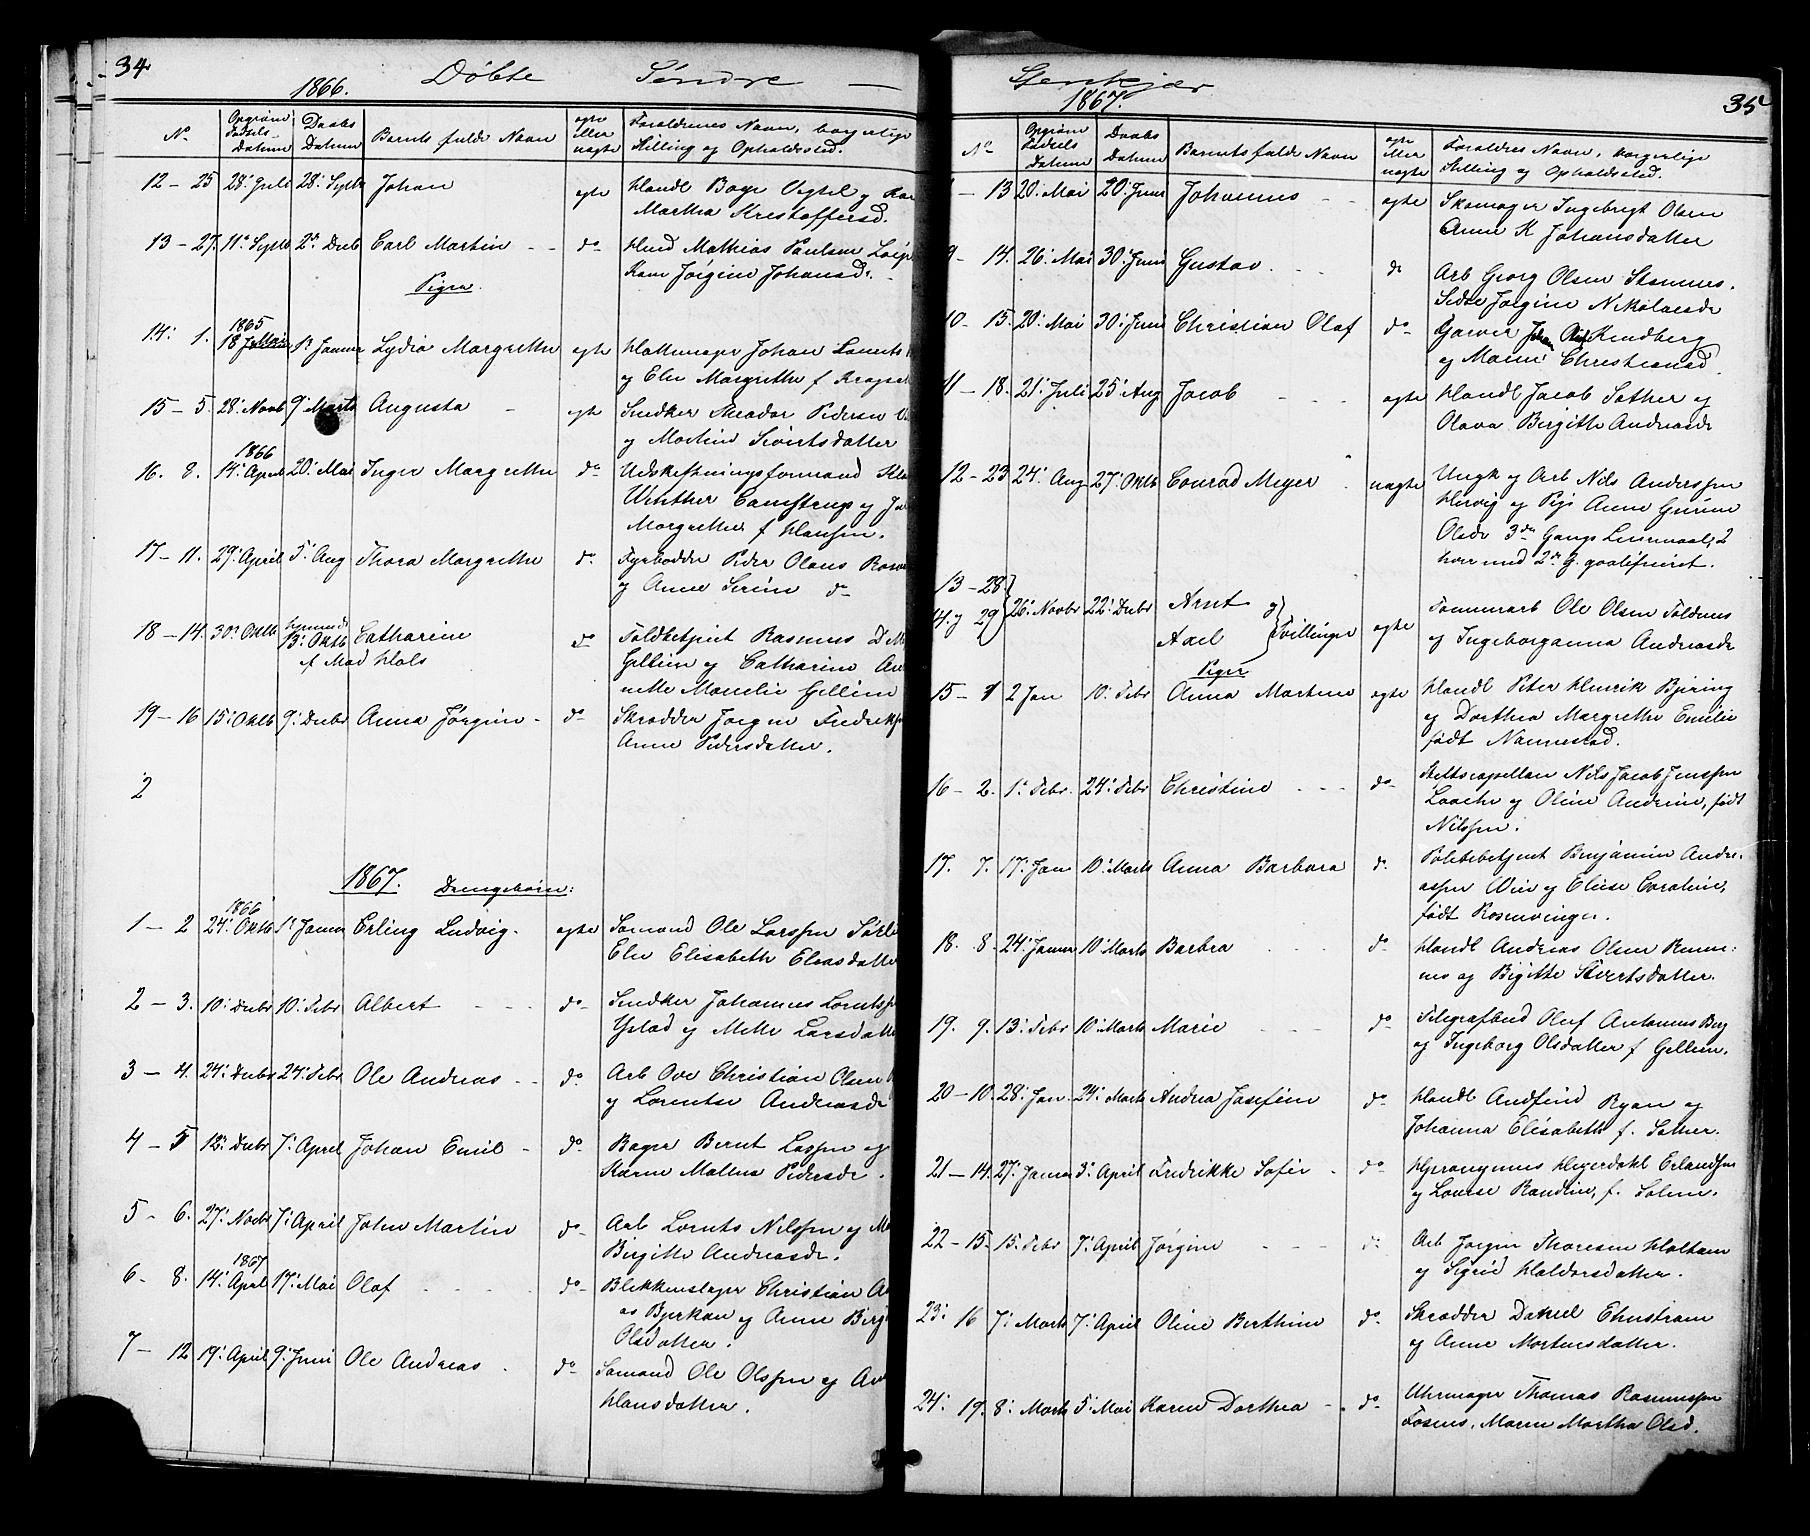 SAT, Ministerialprotokoller, klokkerbøker og fødselsregistre - Nord-Trøndelag, 739/L0367: Ministerialbok nr. 739A01 /1, 1838-1868, s. 34-35